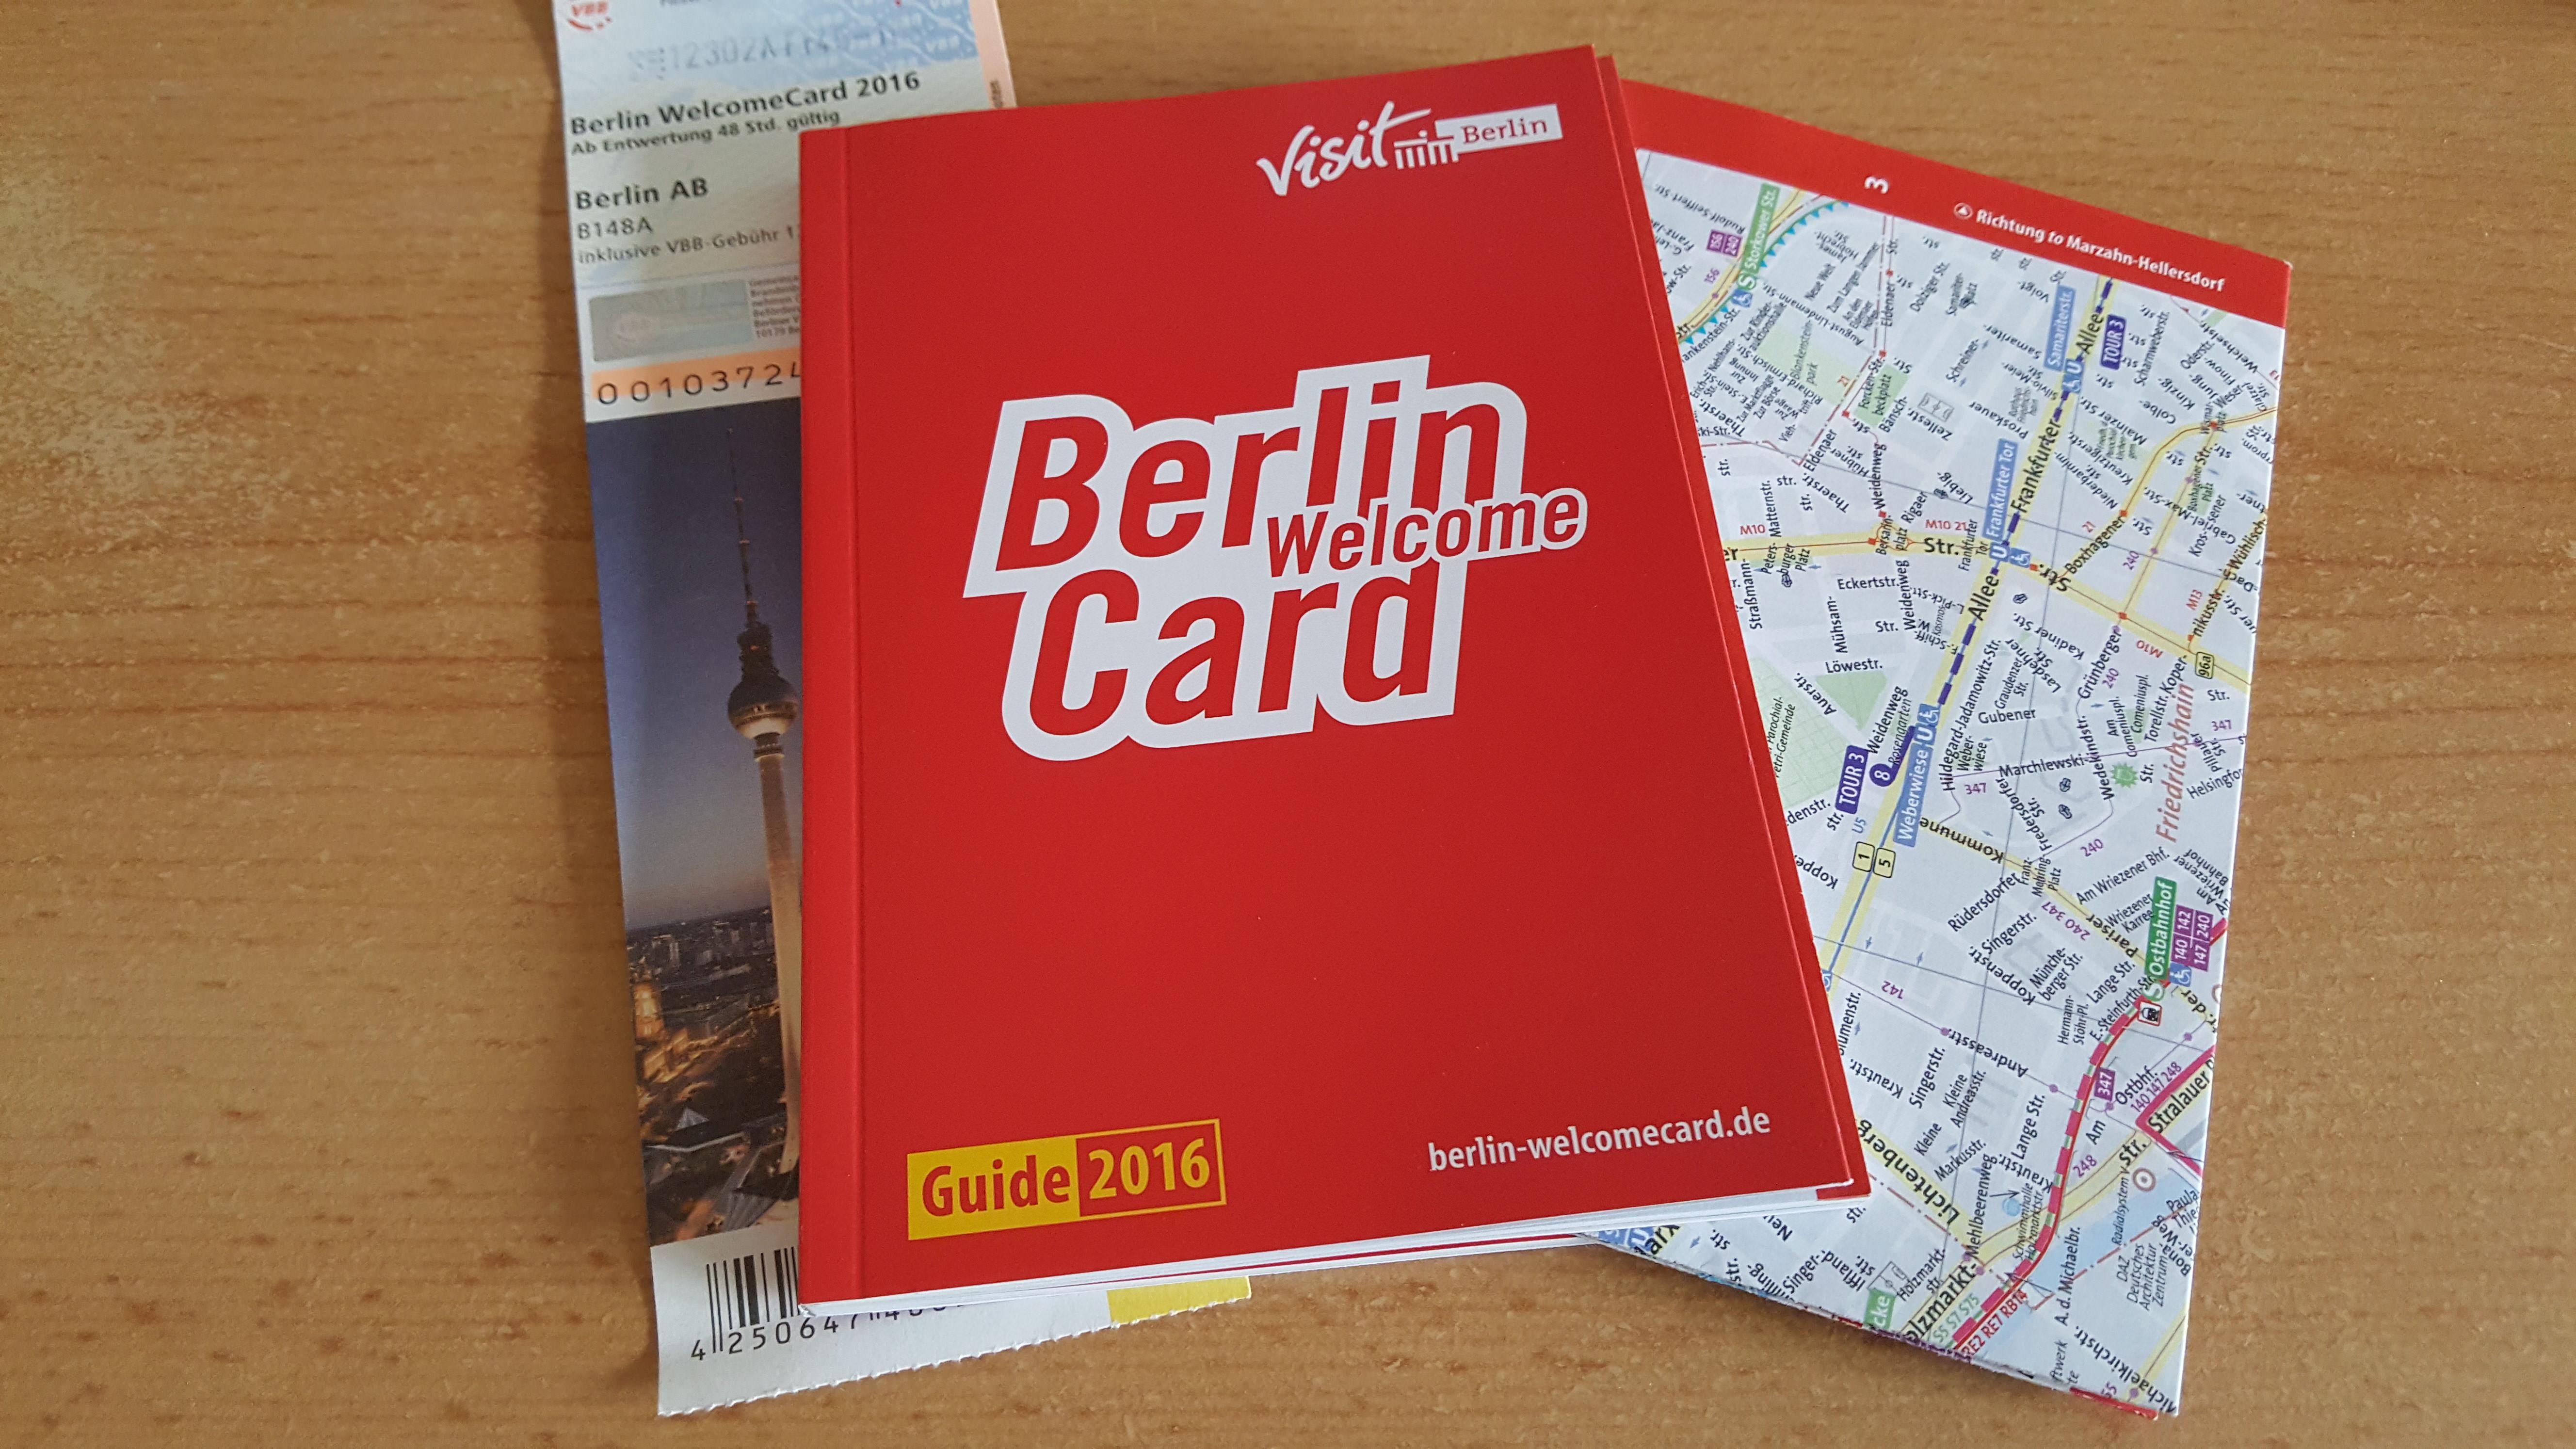 Welcome Card da Visit Berlin, parceira do evento.